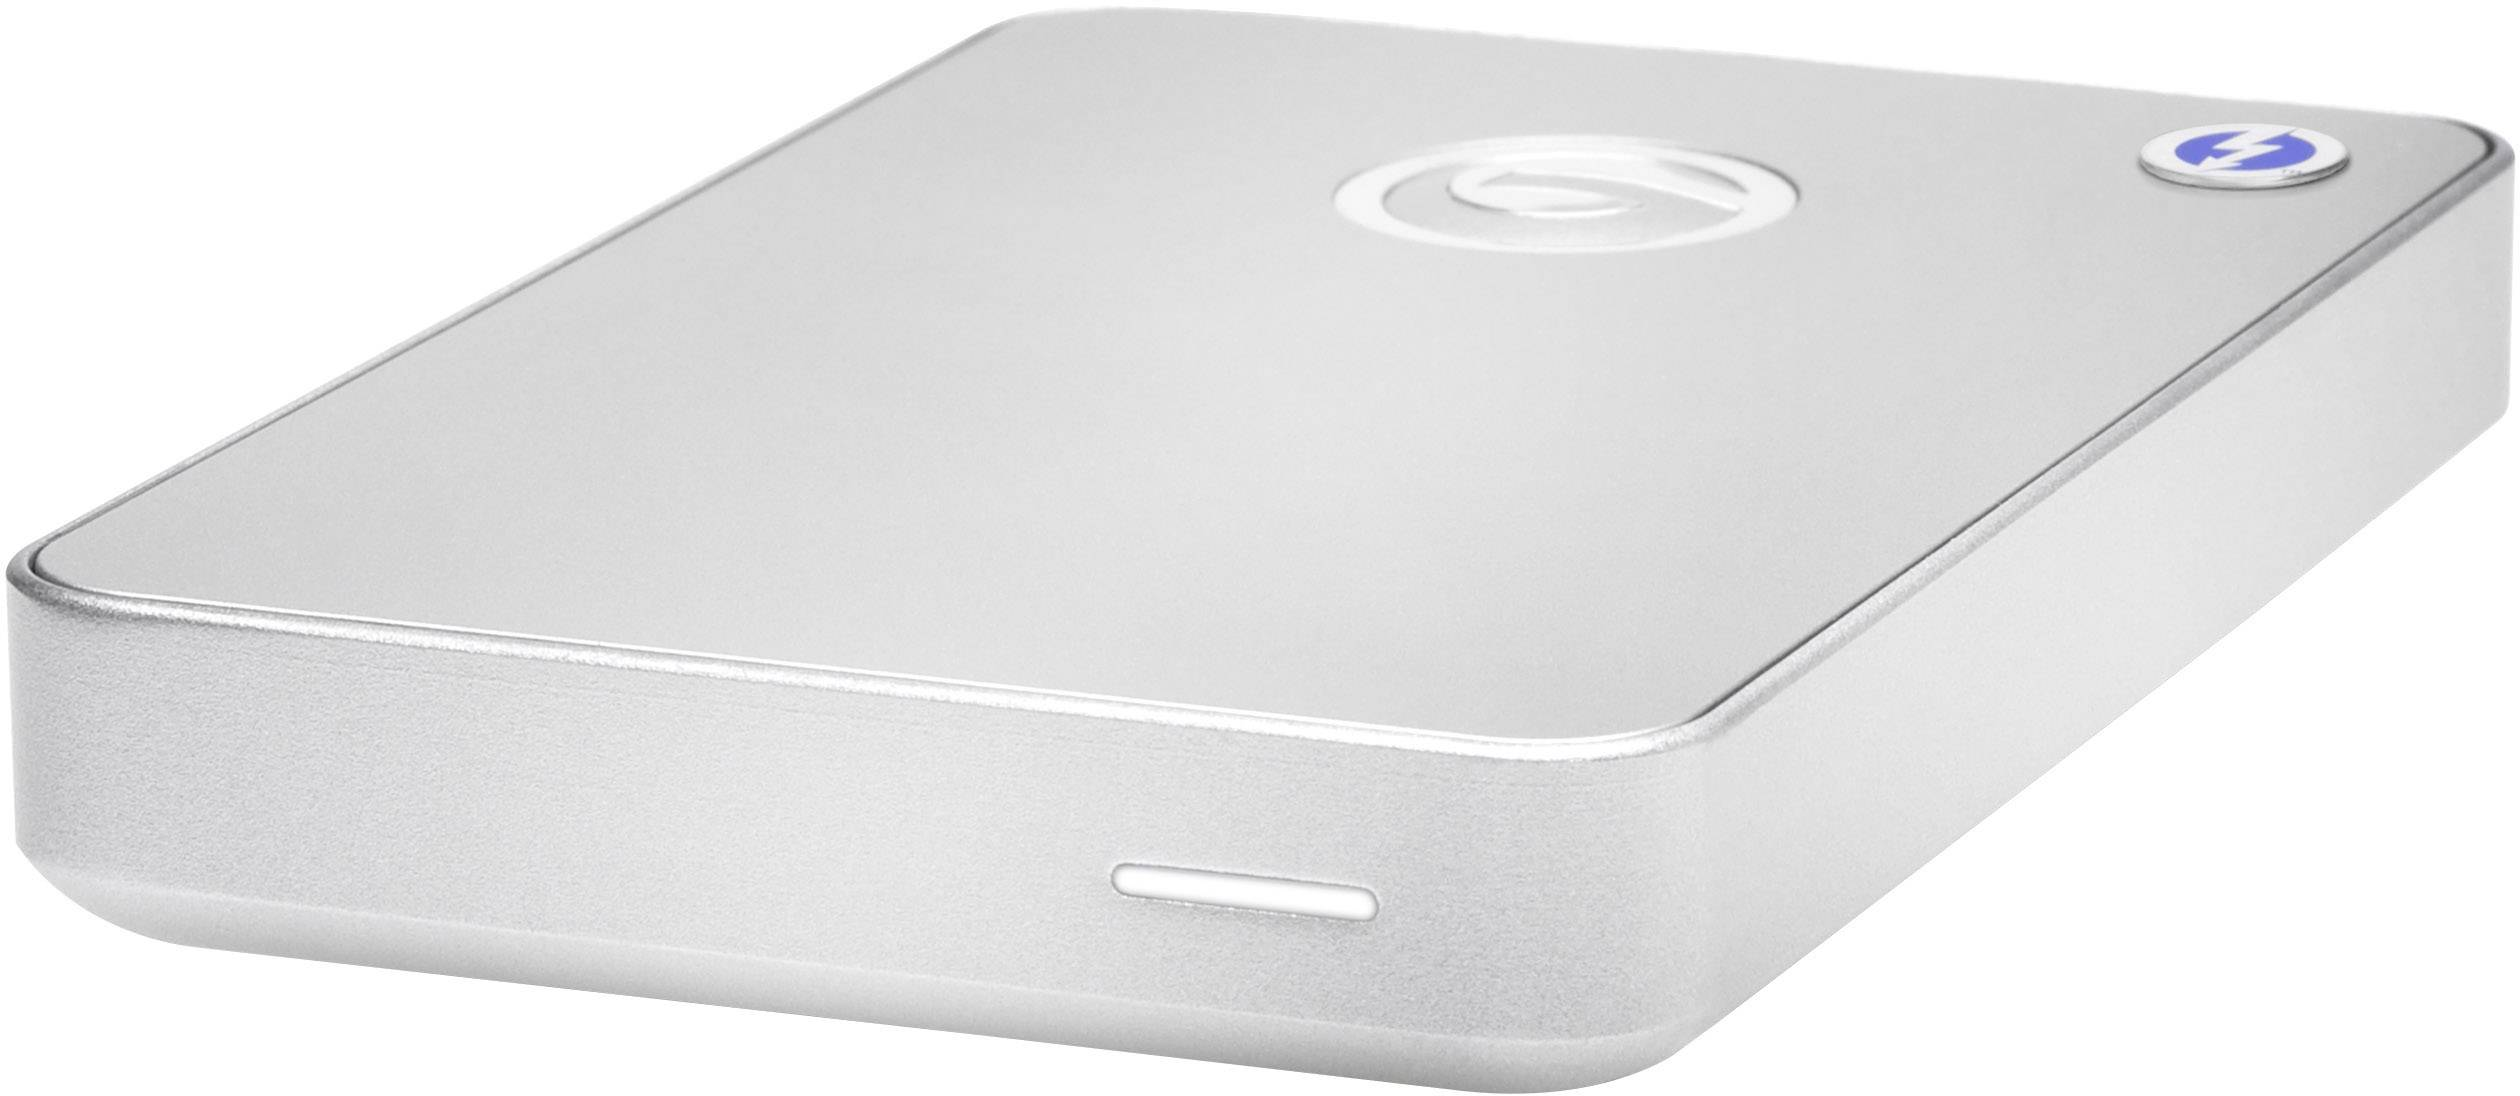 Xbox Prode Disque Dur Externe 2TO 2to, Bleu Mac 2.5 USB3.0 Disque Dur Externe pour PC Apple Windows